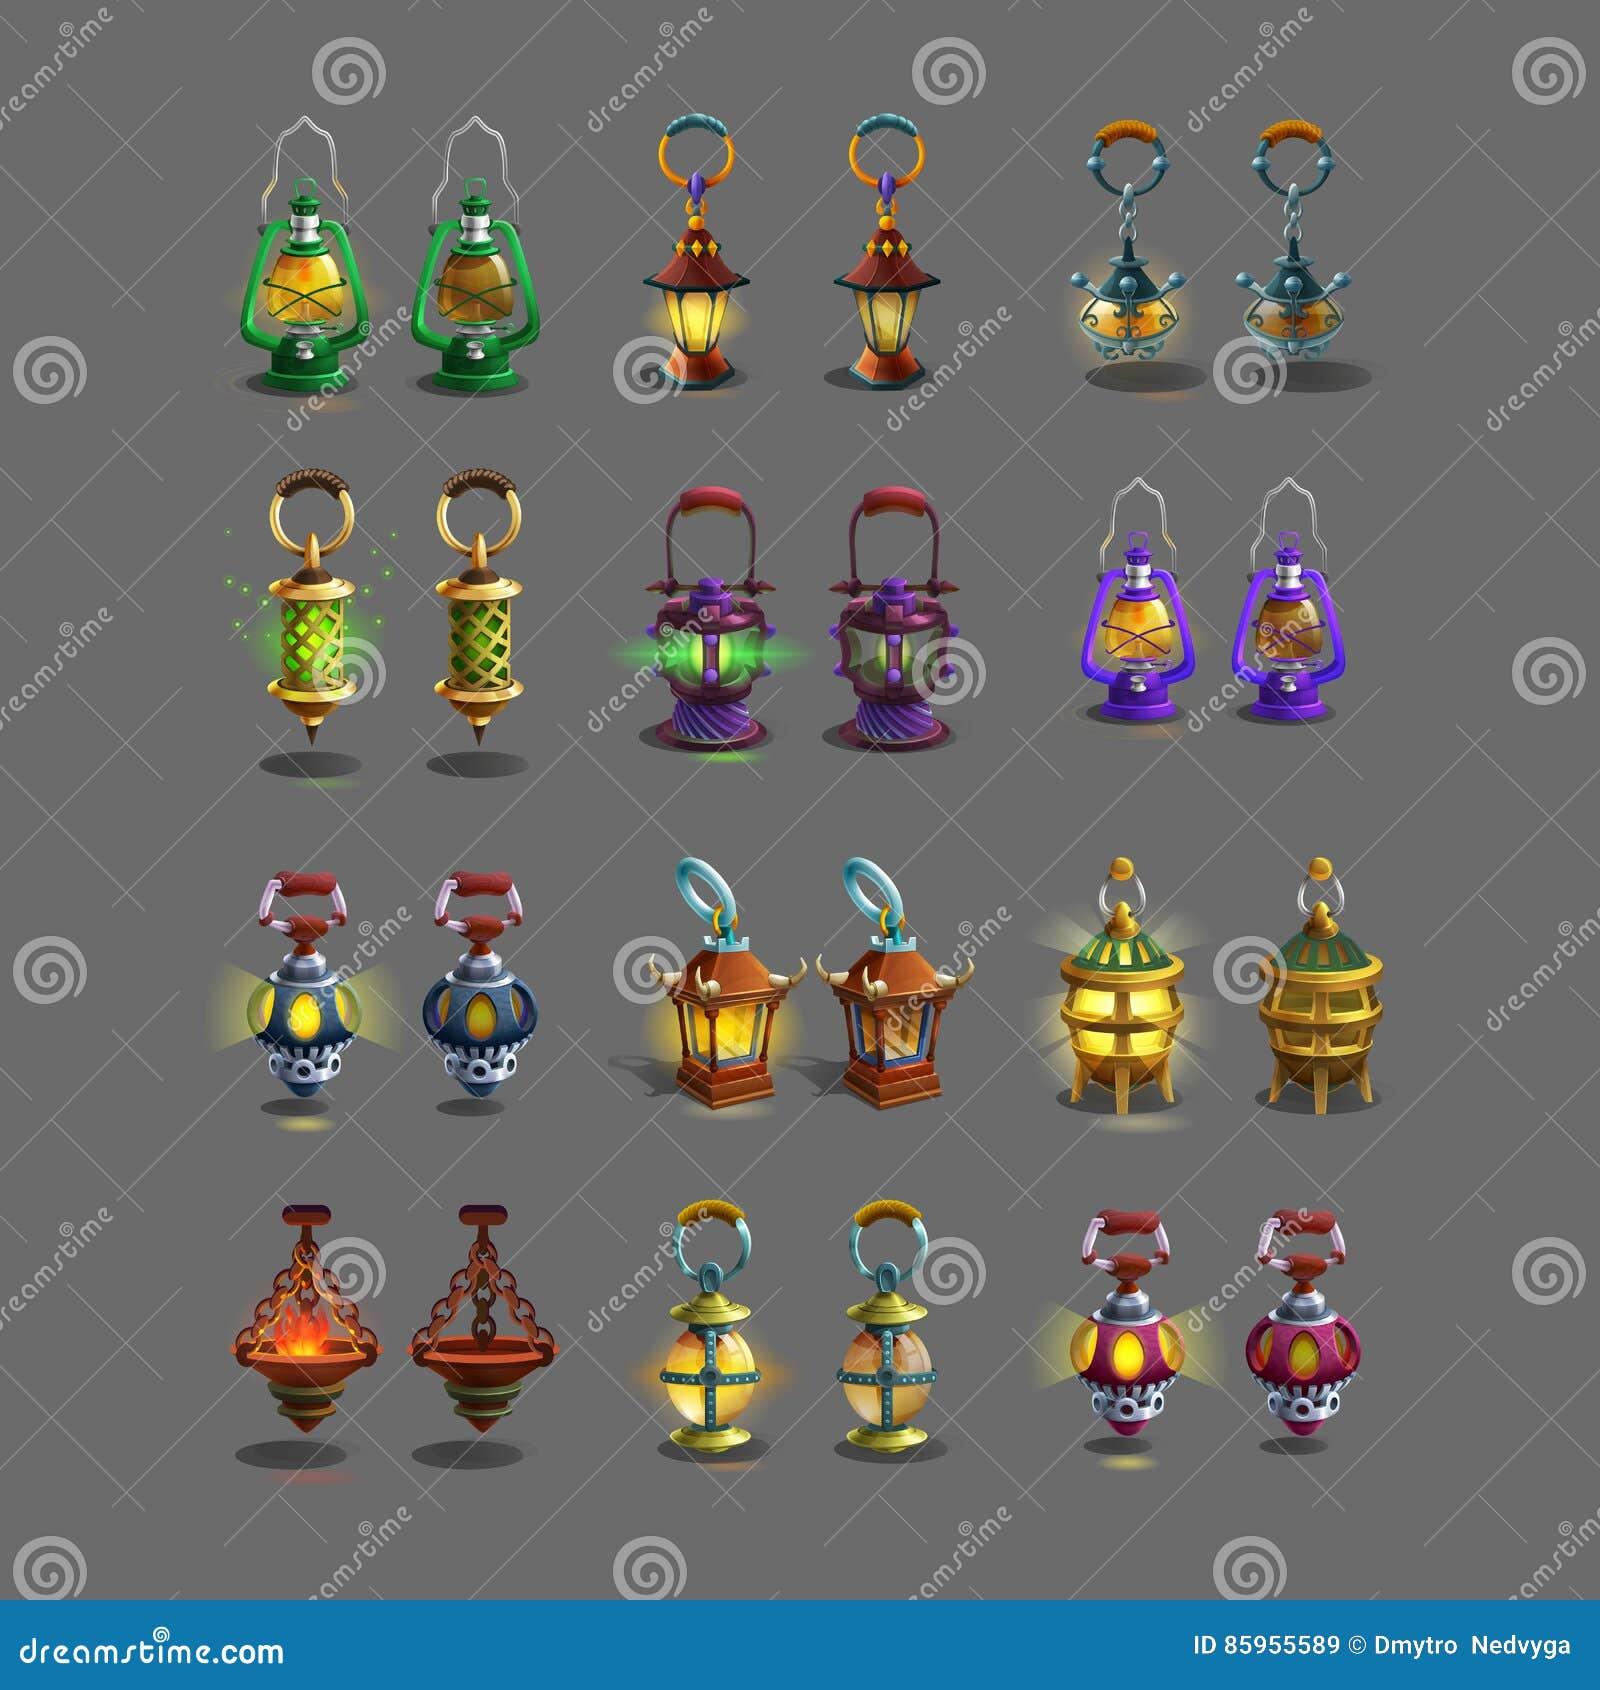 ; artoon θέστε τους ζωηρόχρωμους αρχαίους λαμπτήρες για τα παιχνίδια φαντασίας